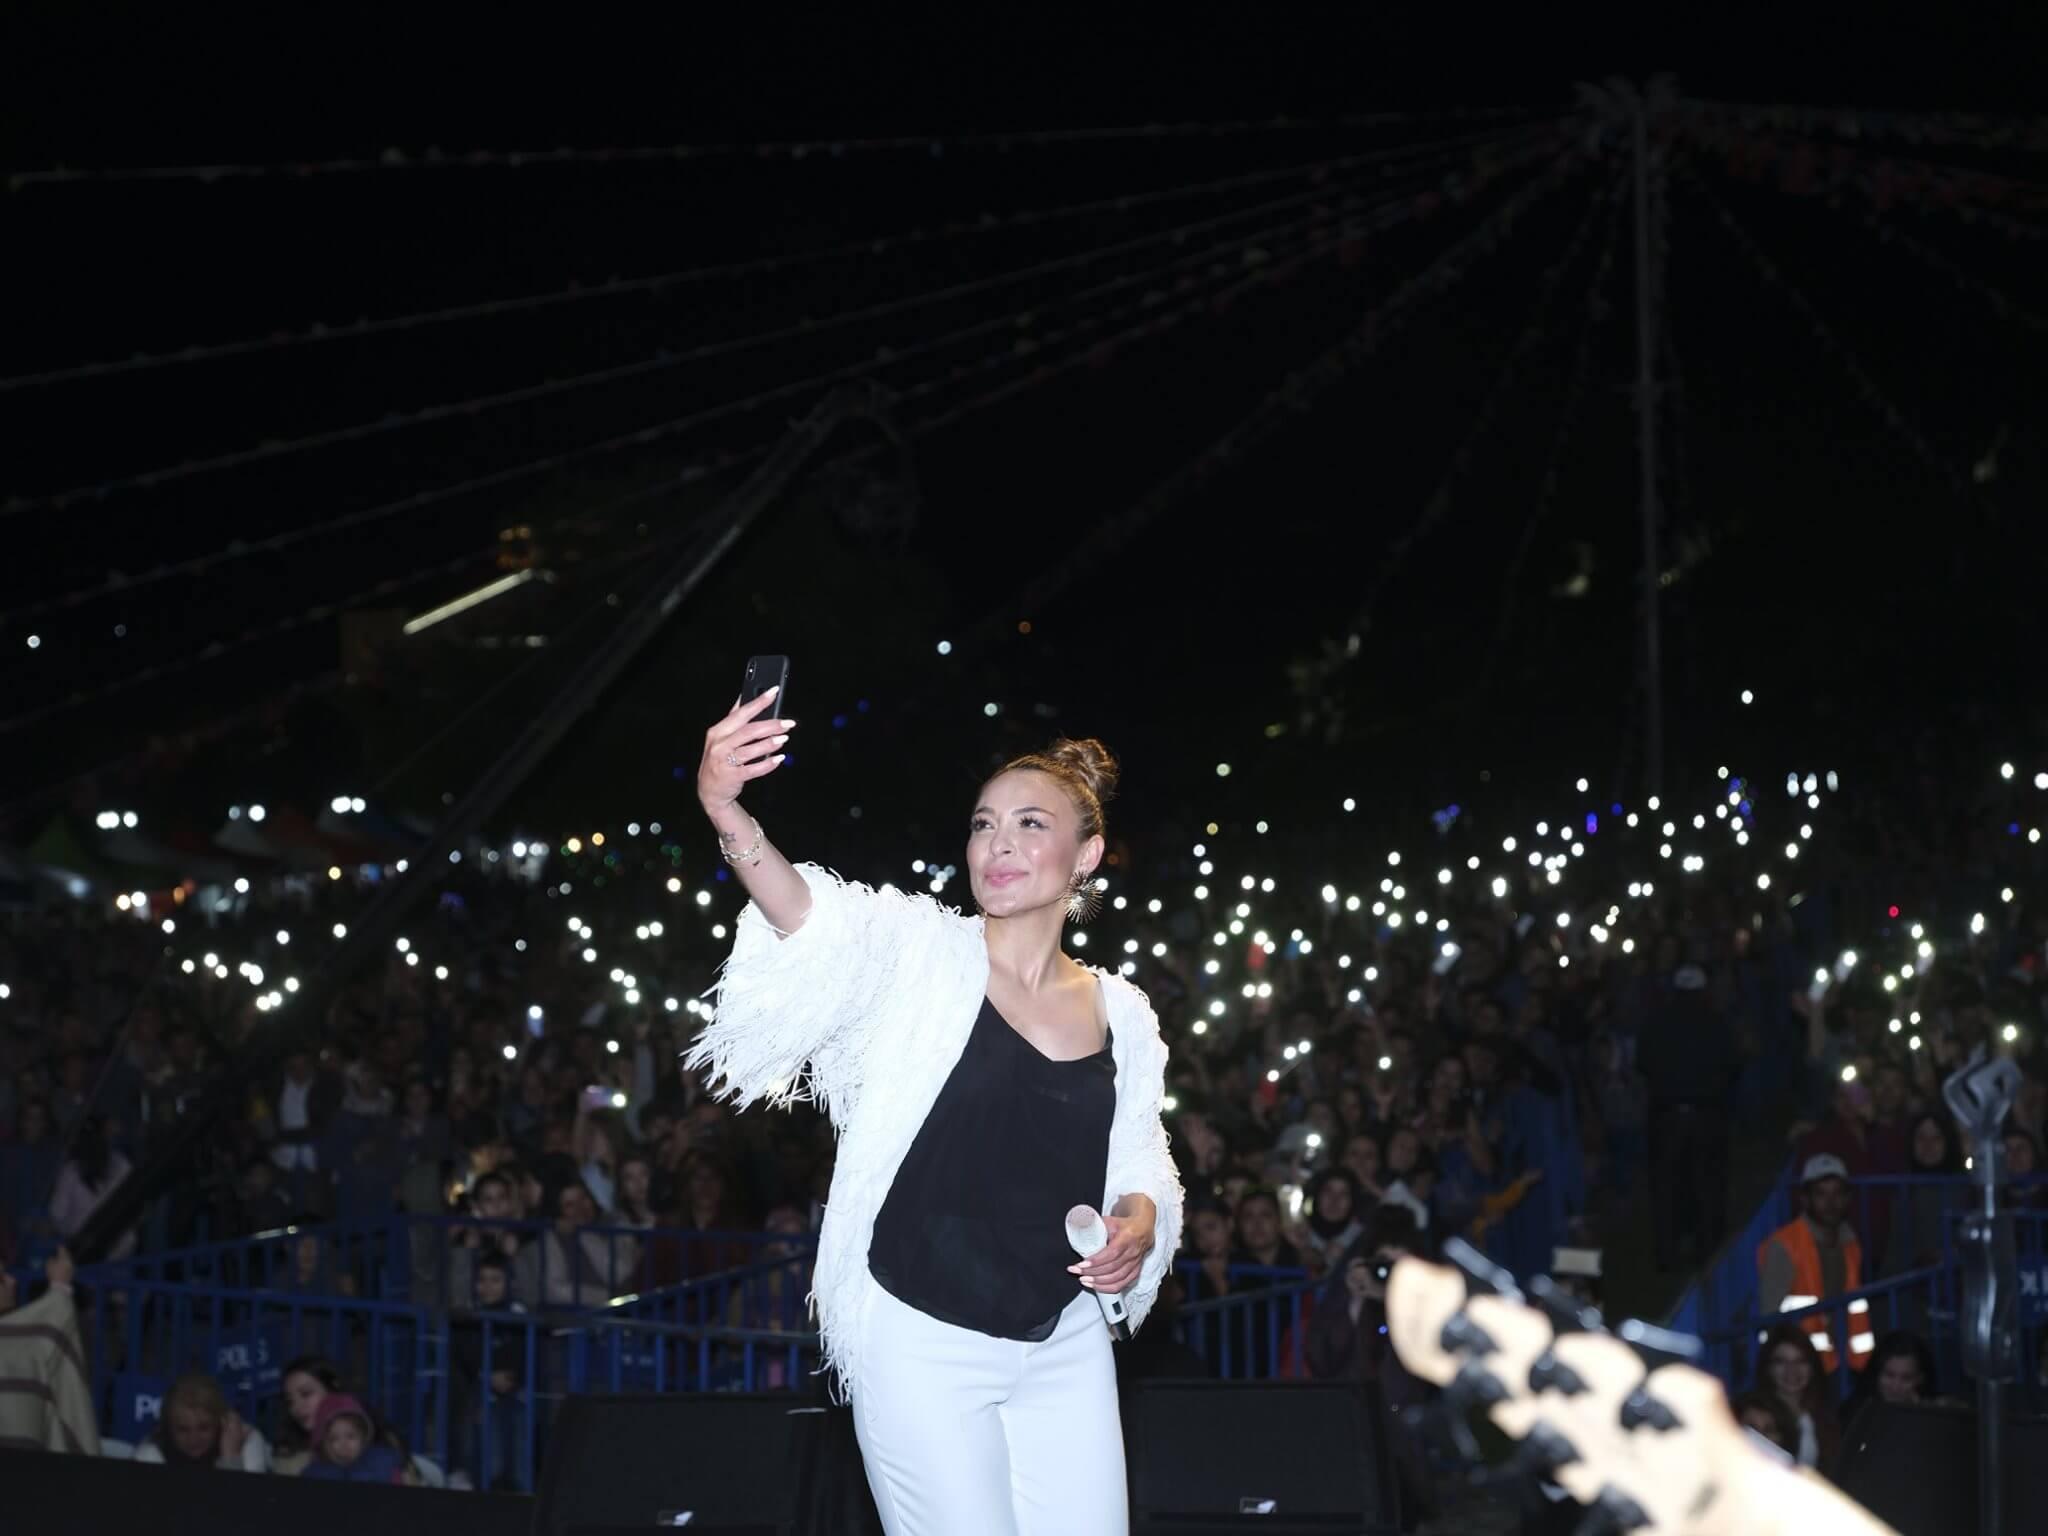 """SİVRİHİSAR ULUSLARARASI NASREDDİN HOCA KÜLTÜR VE SANAT FESTİVALİ """" ZİYNET SALİ """" KONSERİ"""